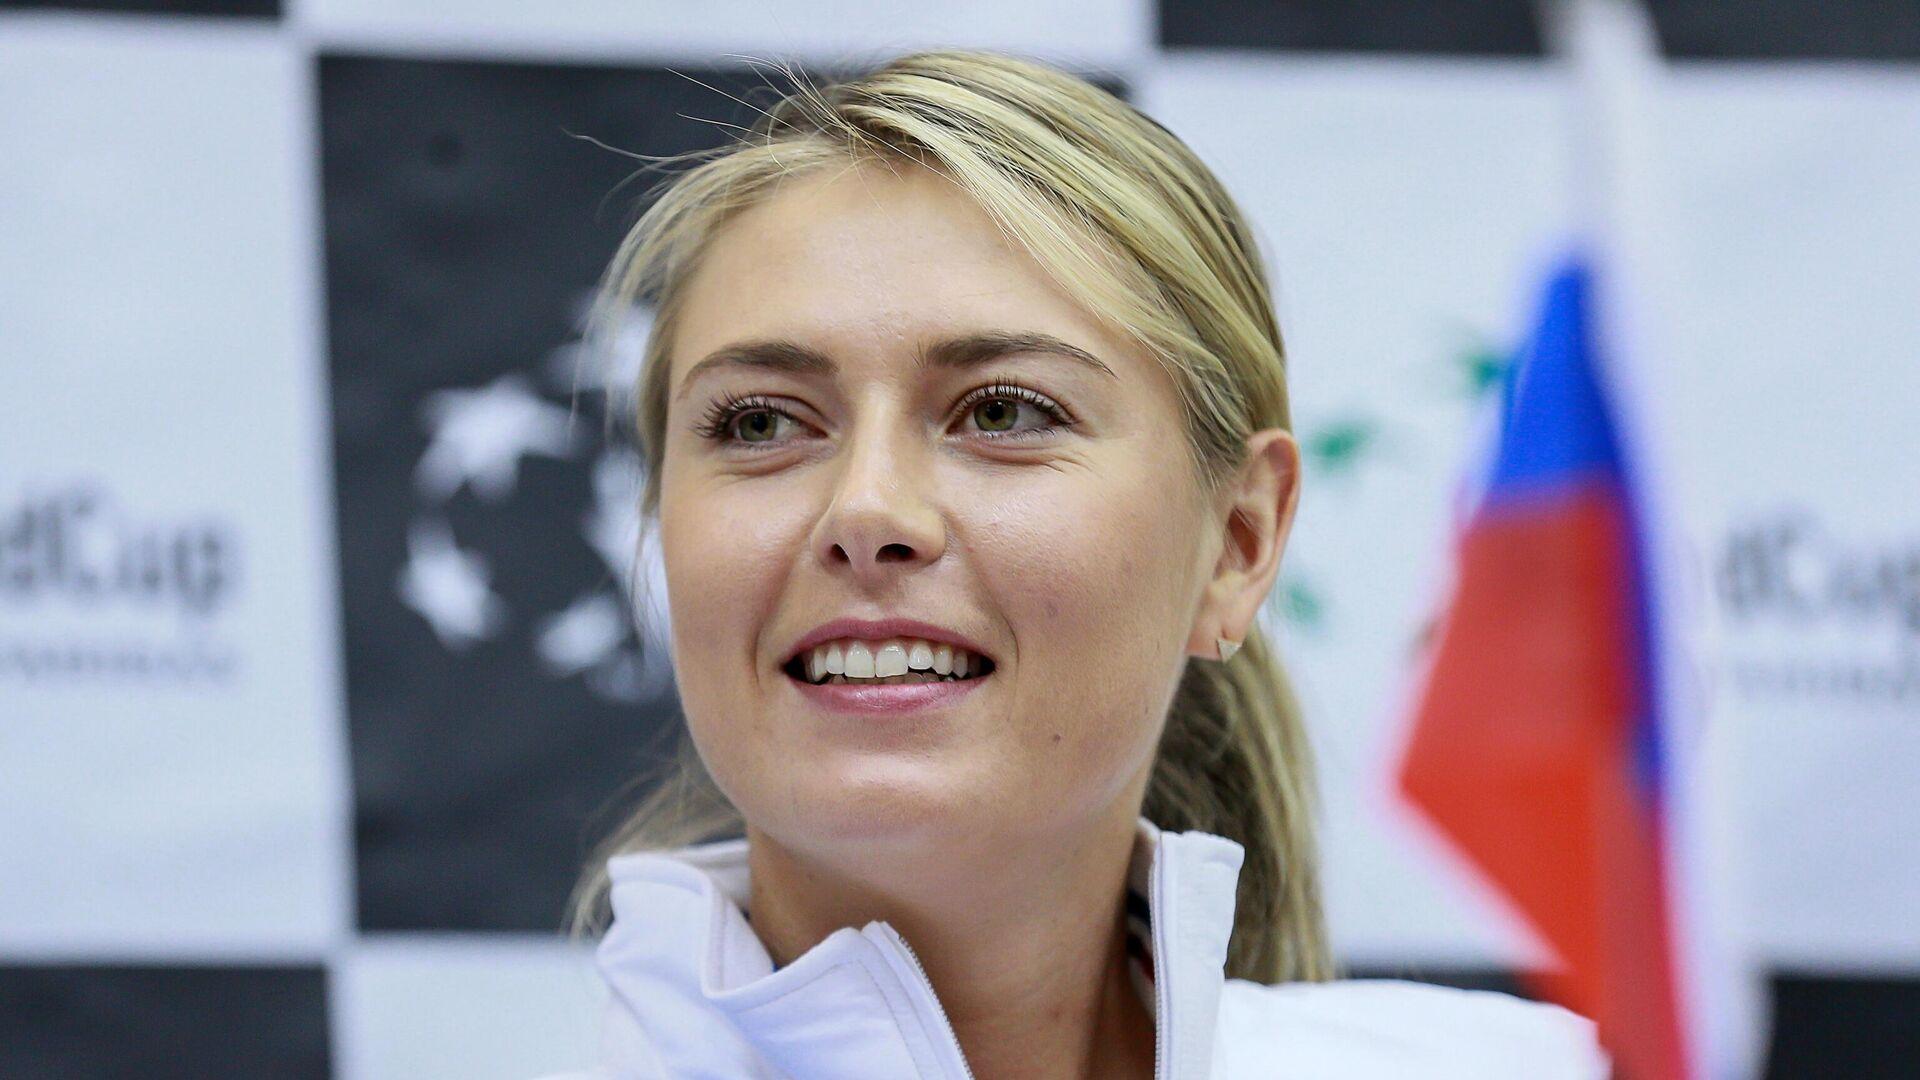 Теннисистка Мария Шарапова - РИА Новости, 1920, 13.10.2020